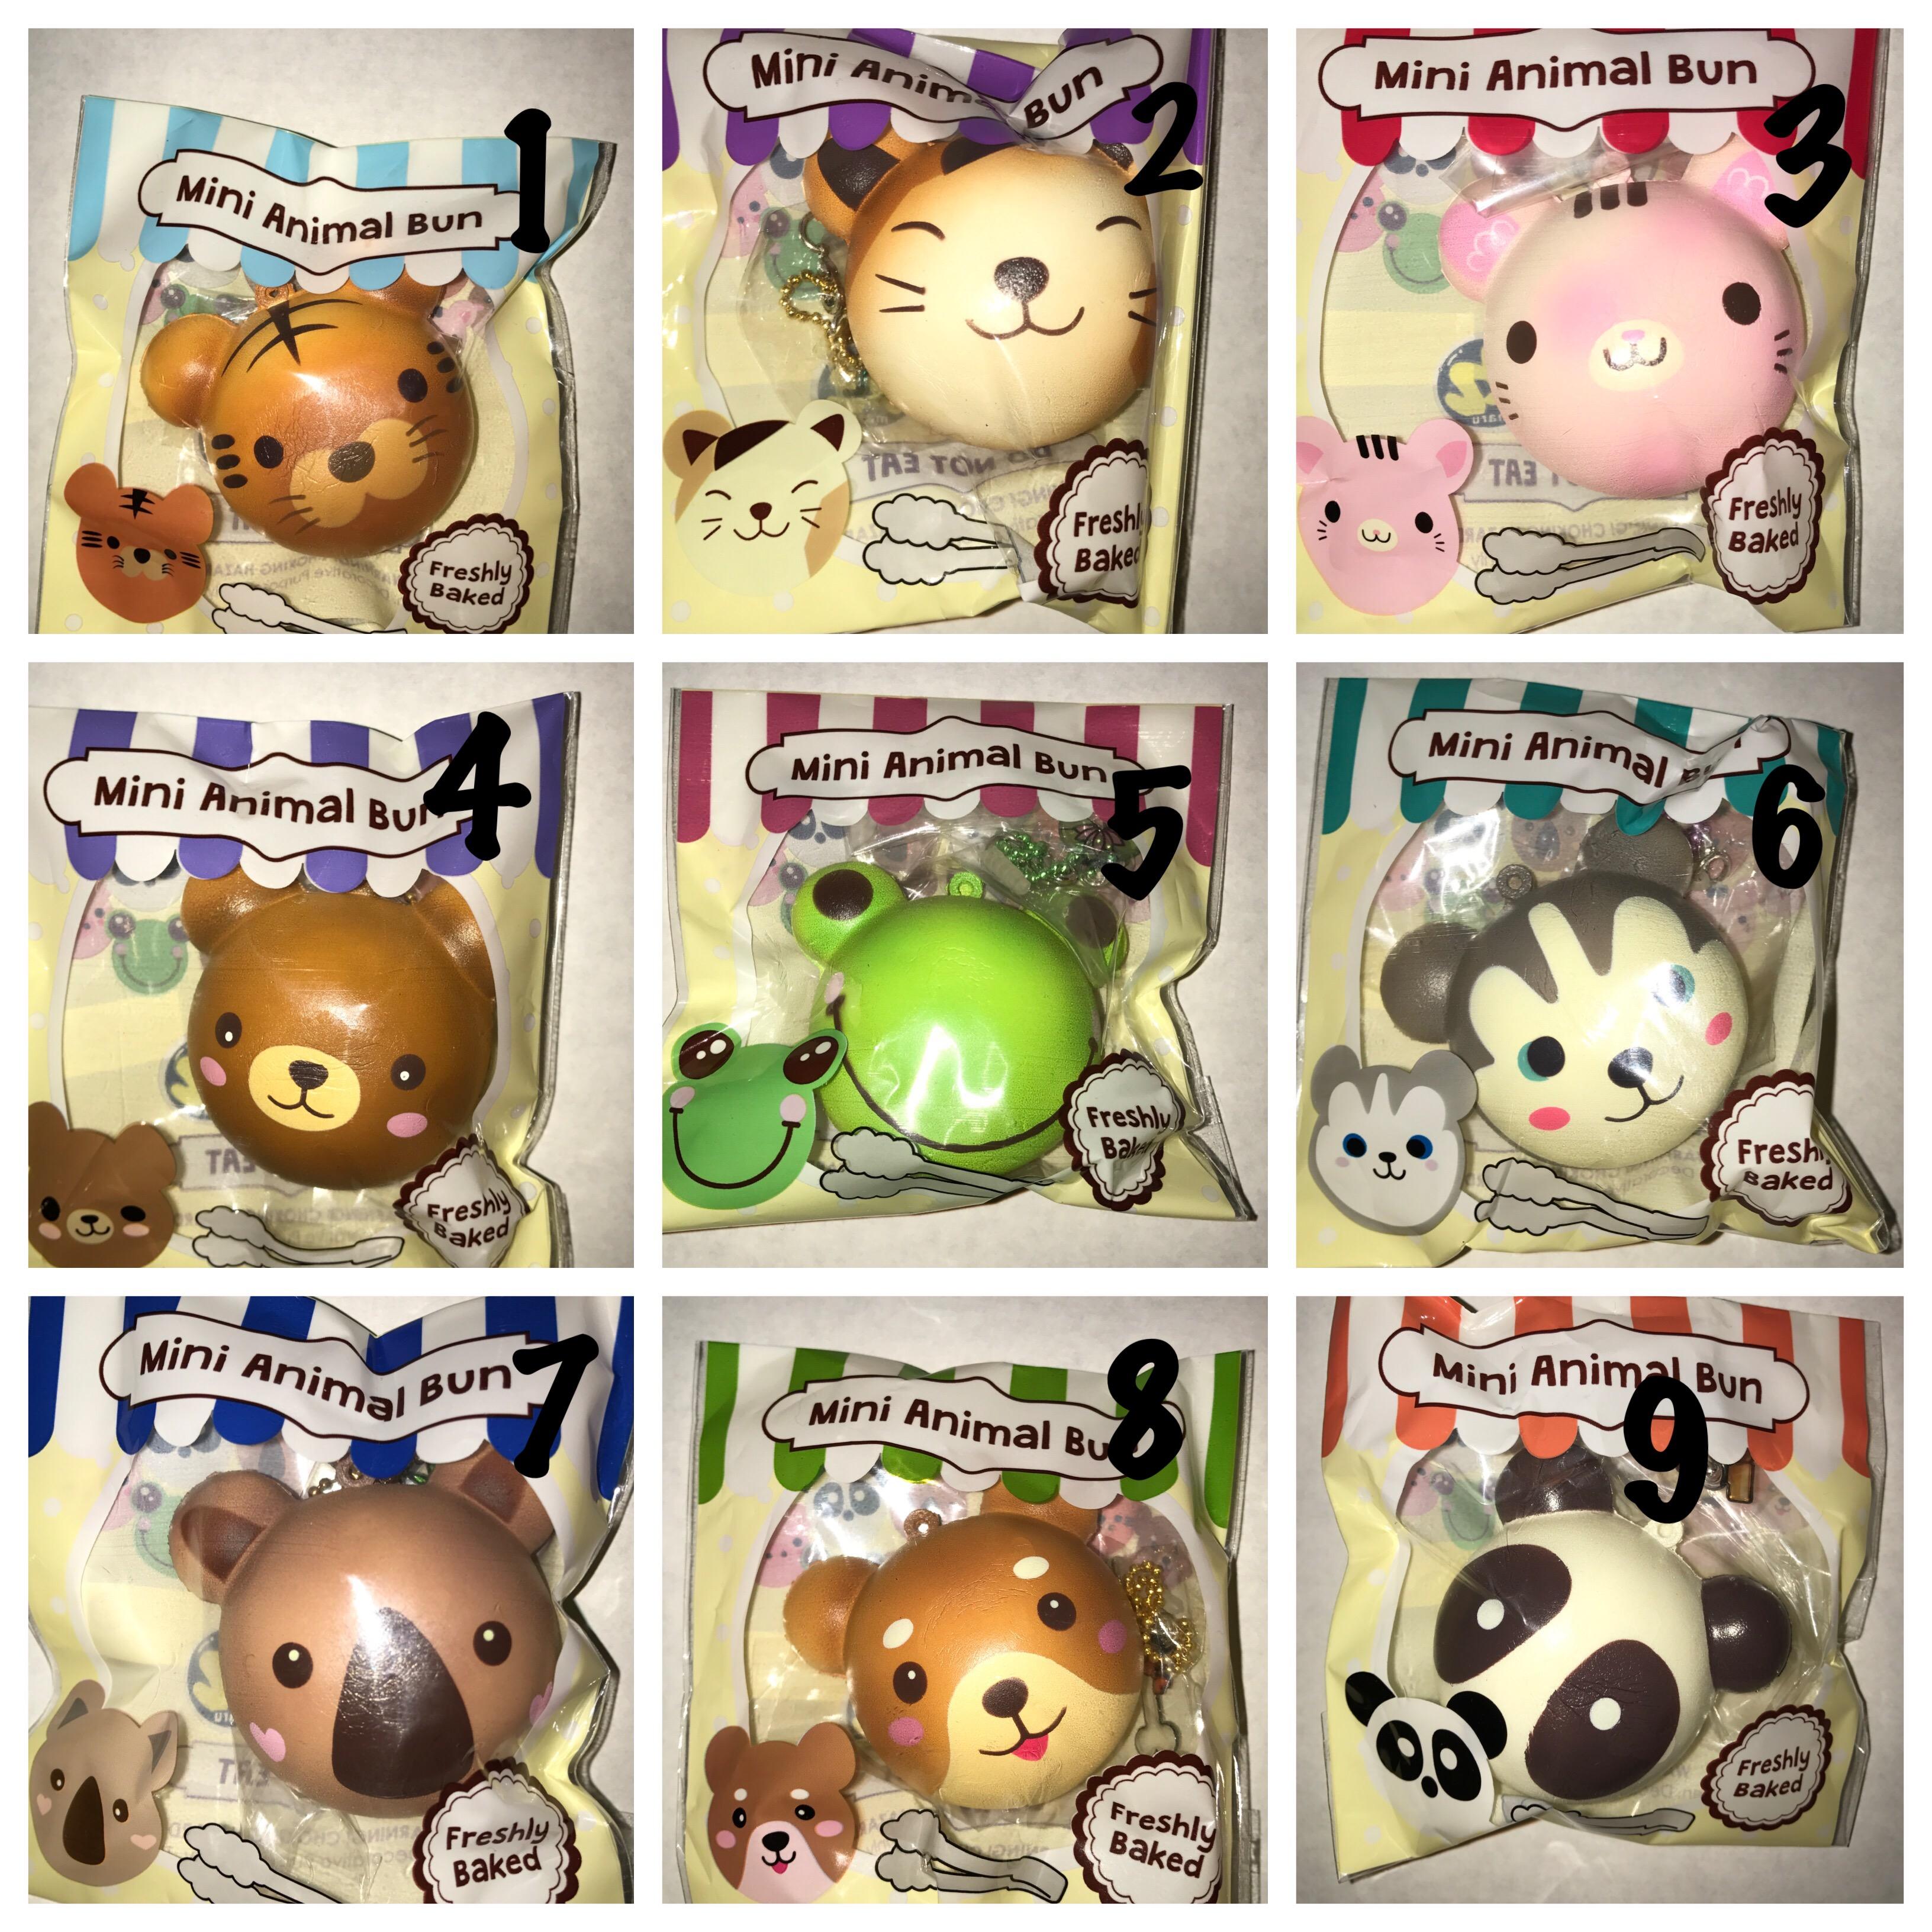 Puni Maru Mini Animal Bun Squishy ? Ilovesquishies803 ? Online Store Powered by Storenvy